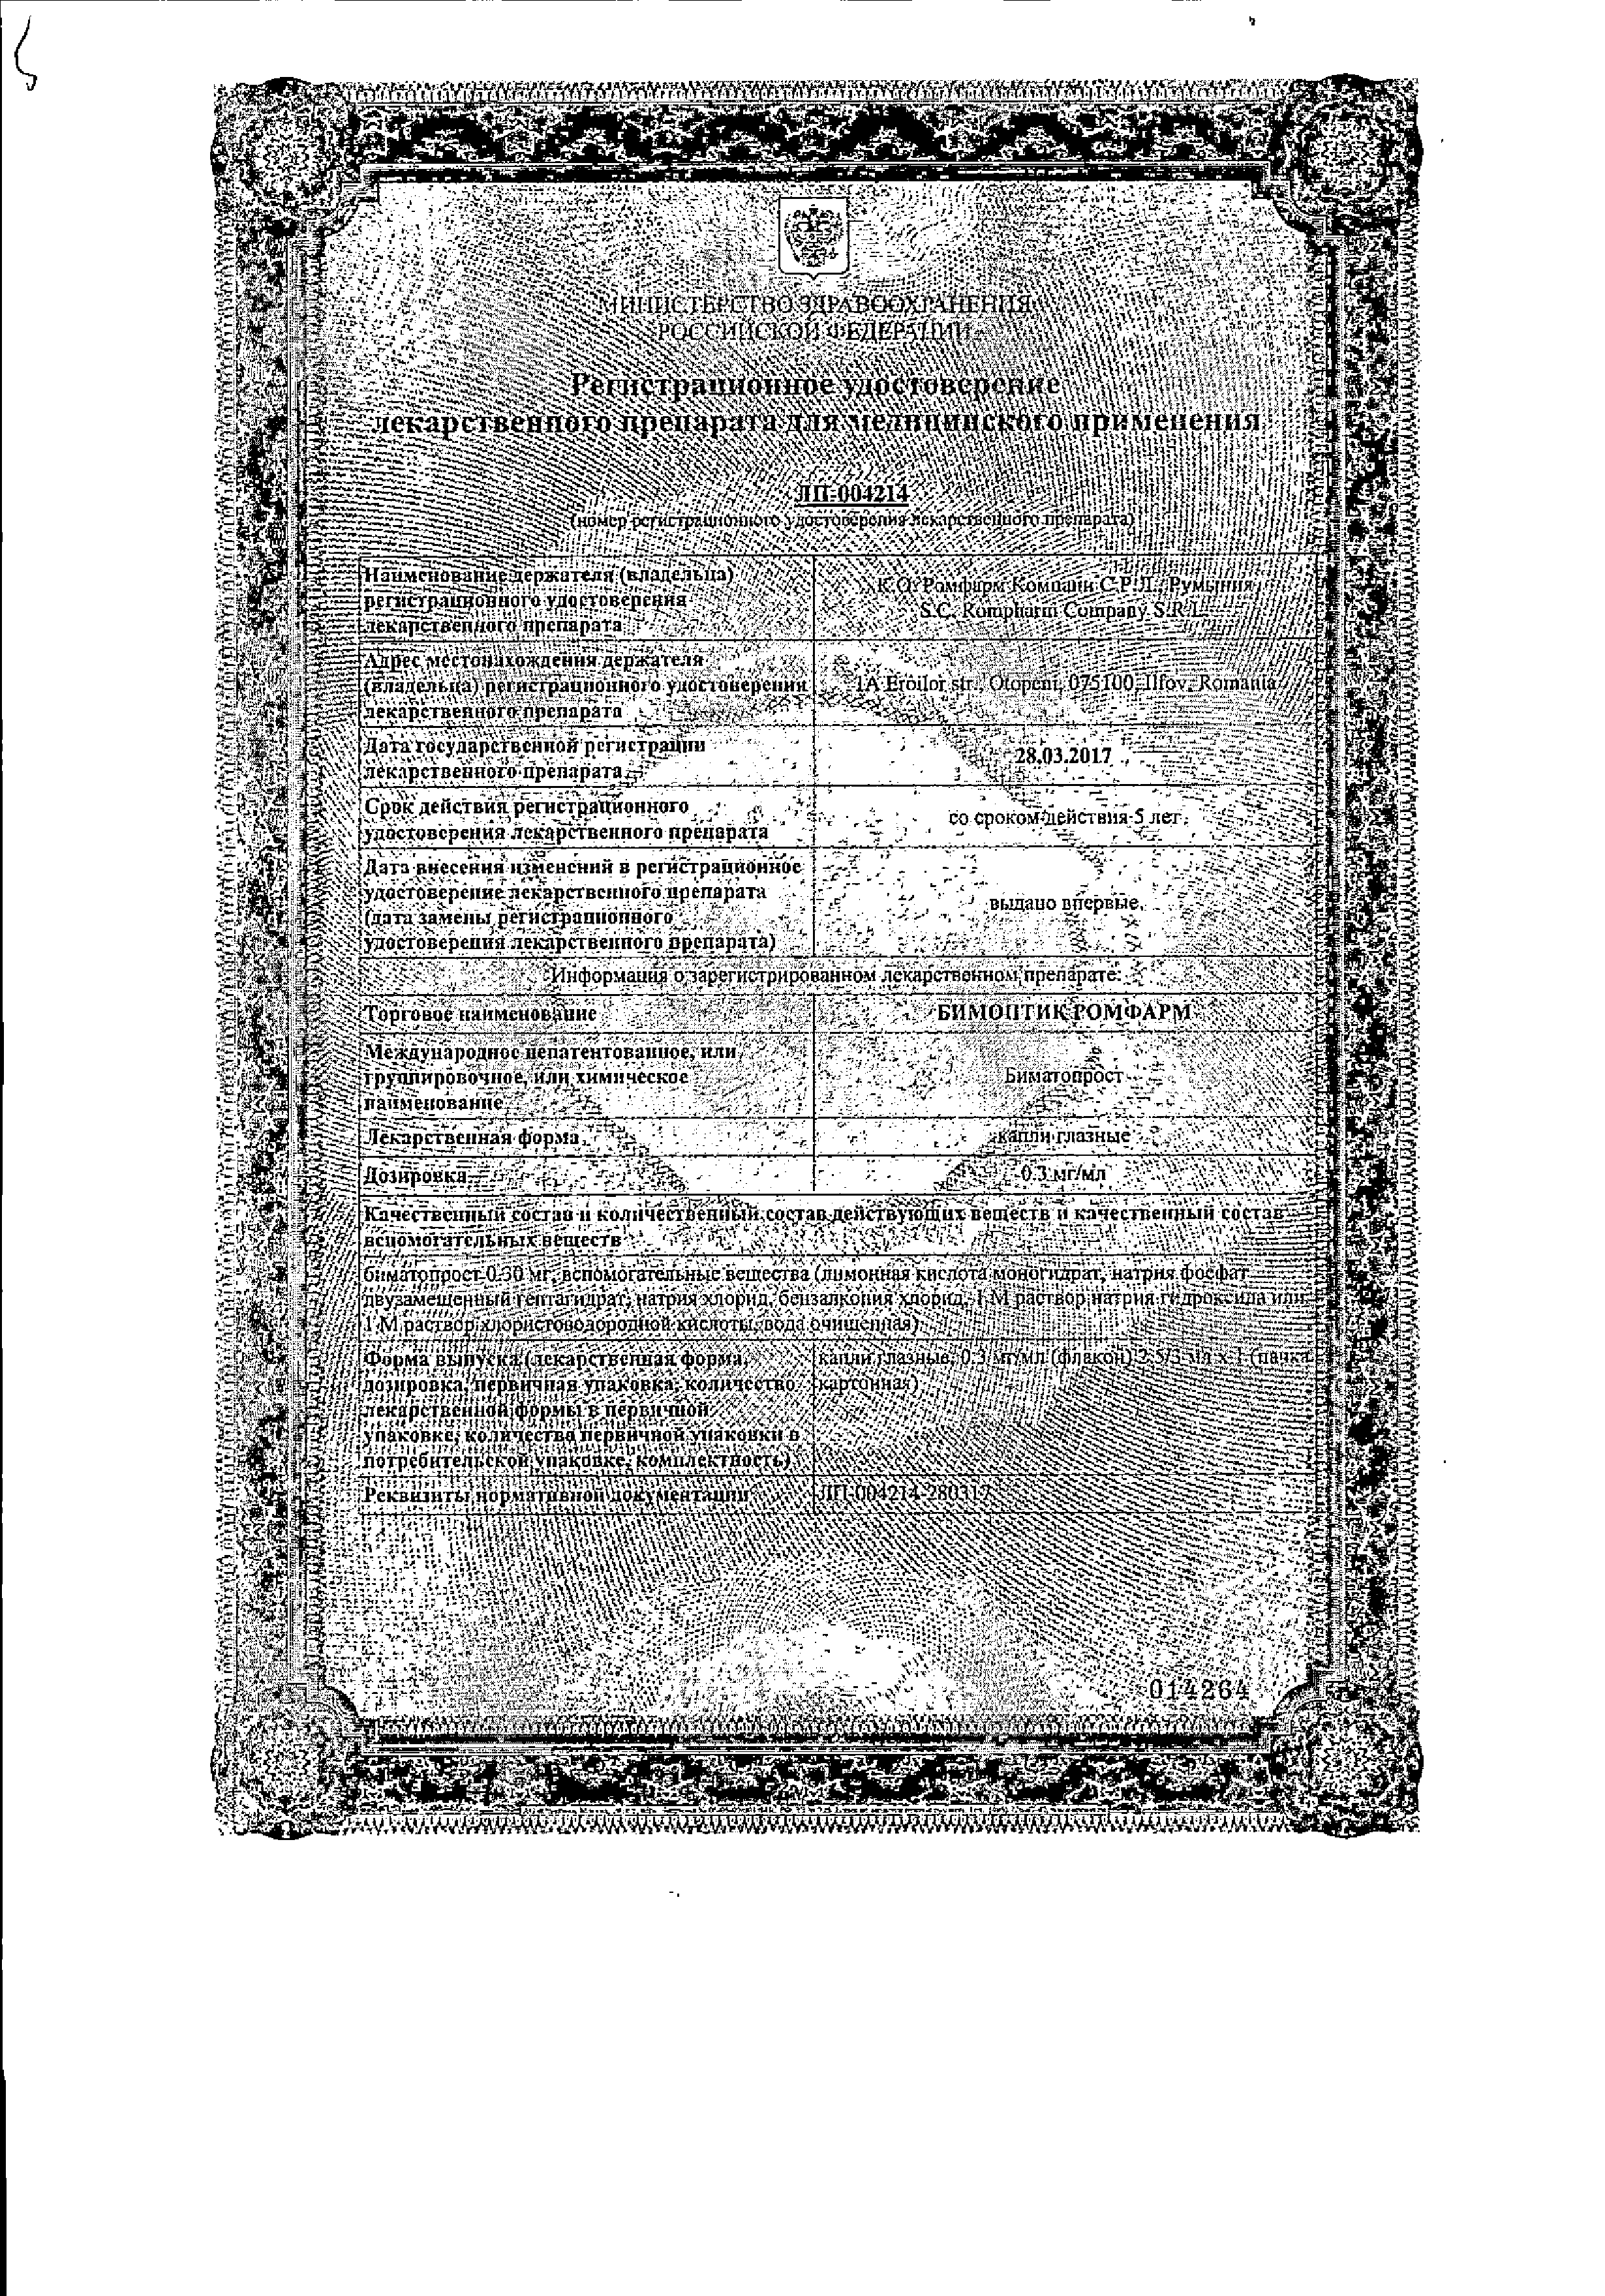 Бимоптик Ромфарм сертификат